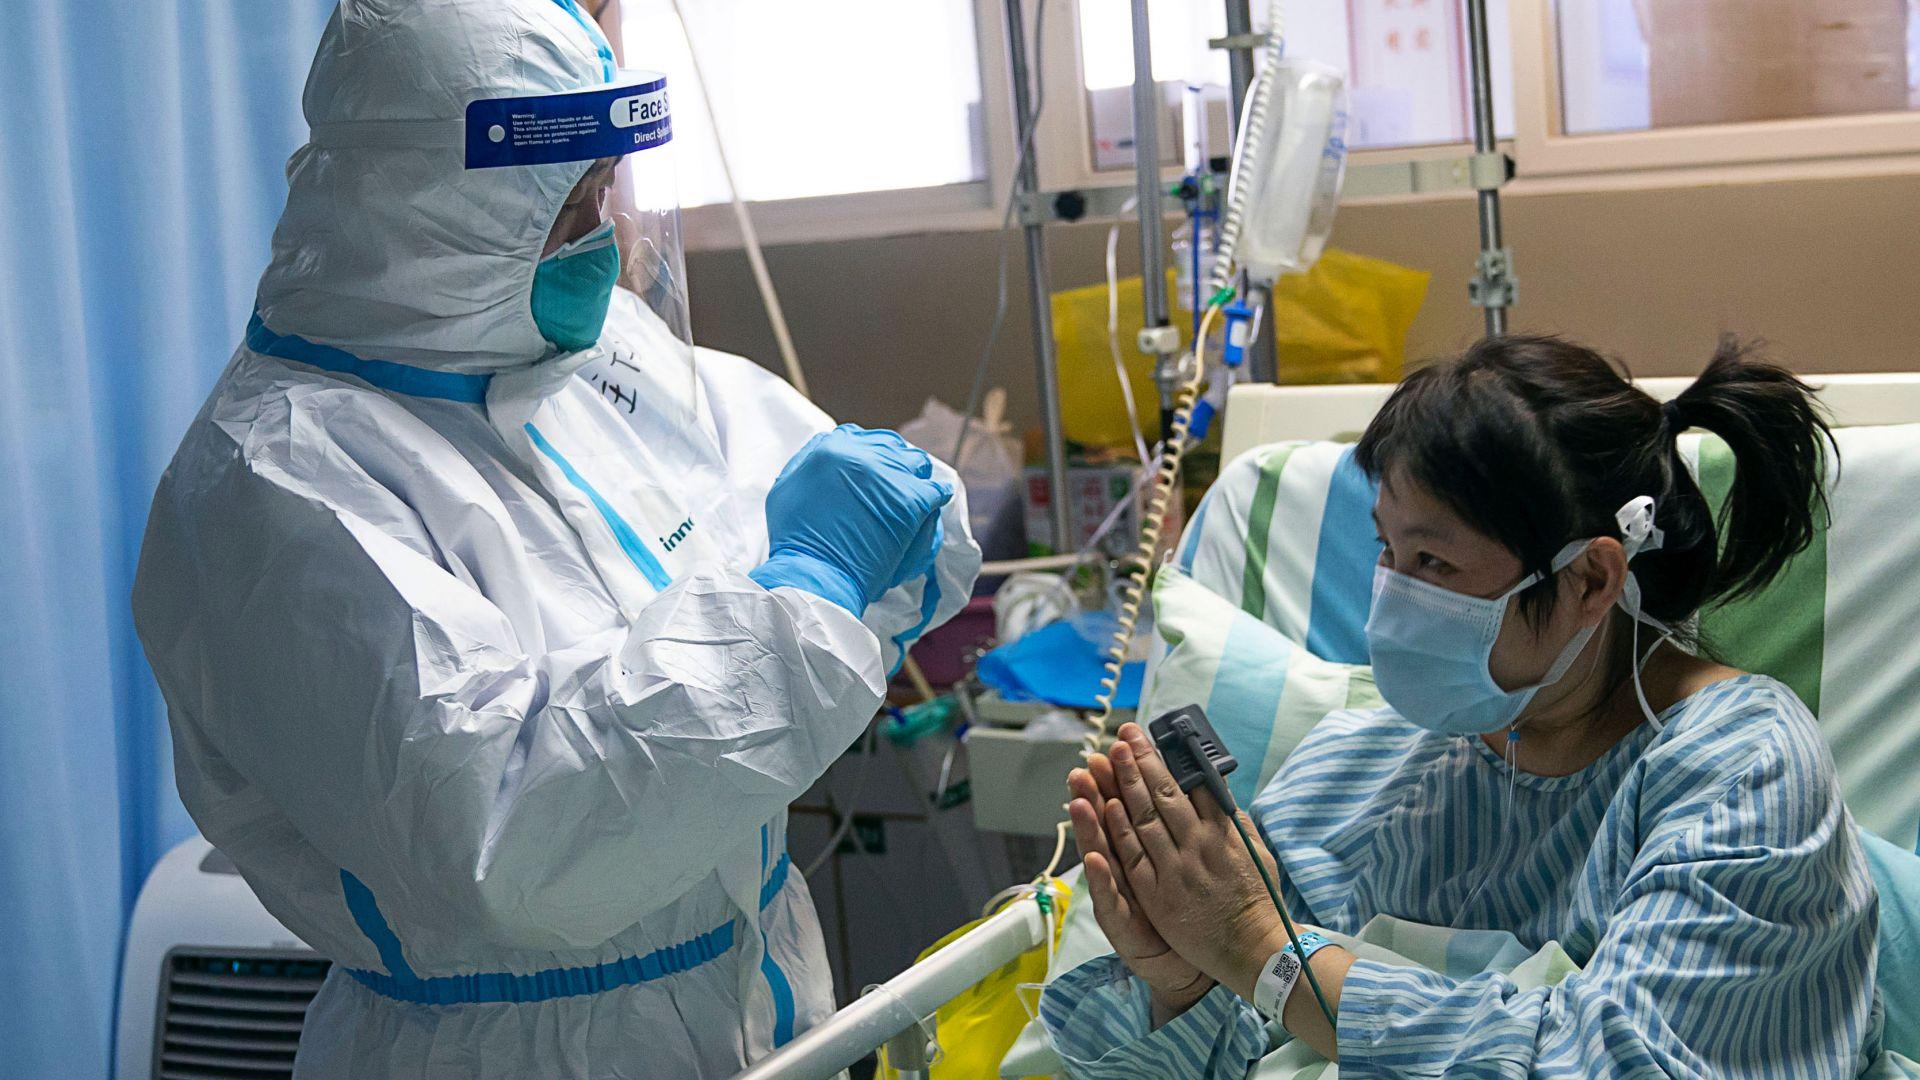 26 починали и 830 заразени: Шокиращи кадри как китайският вирус поваля хора в Хуан